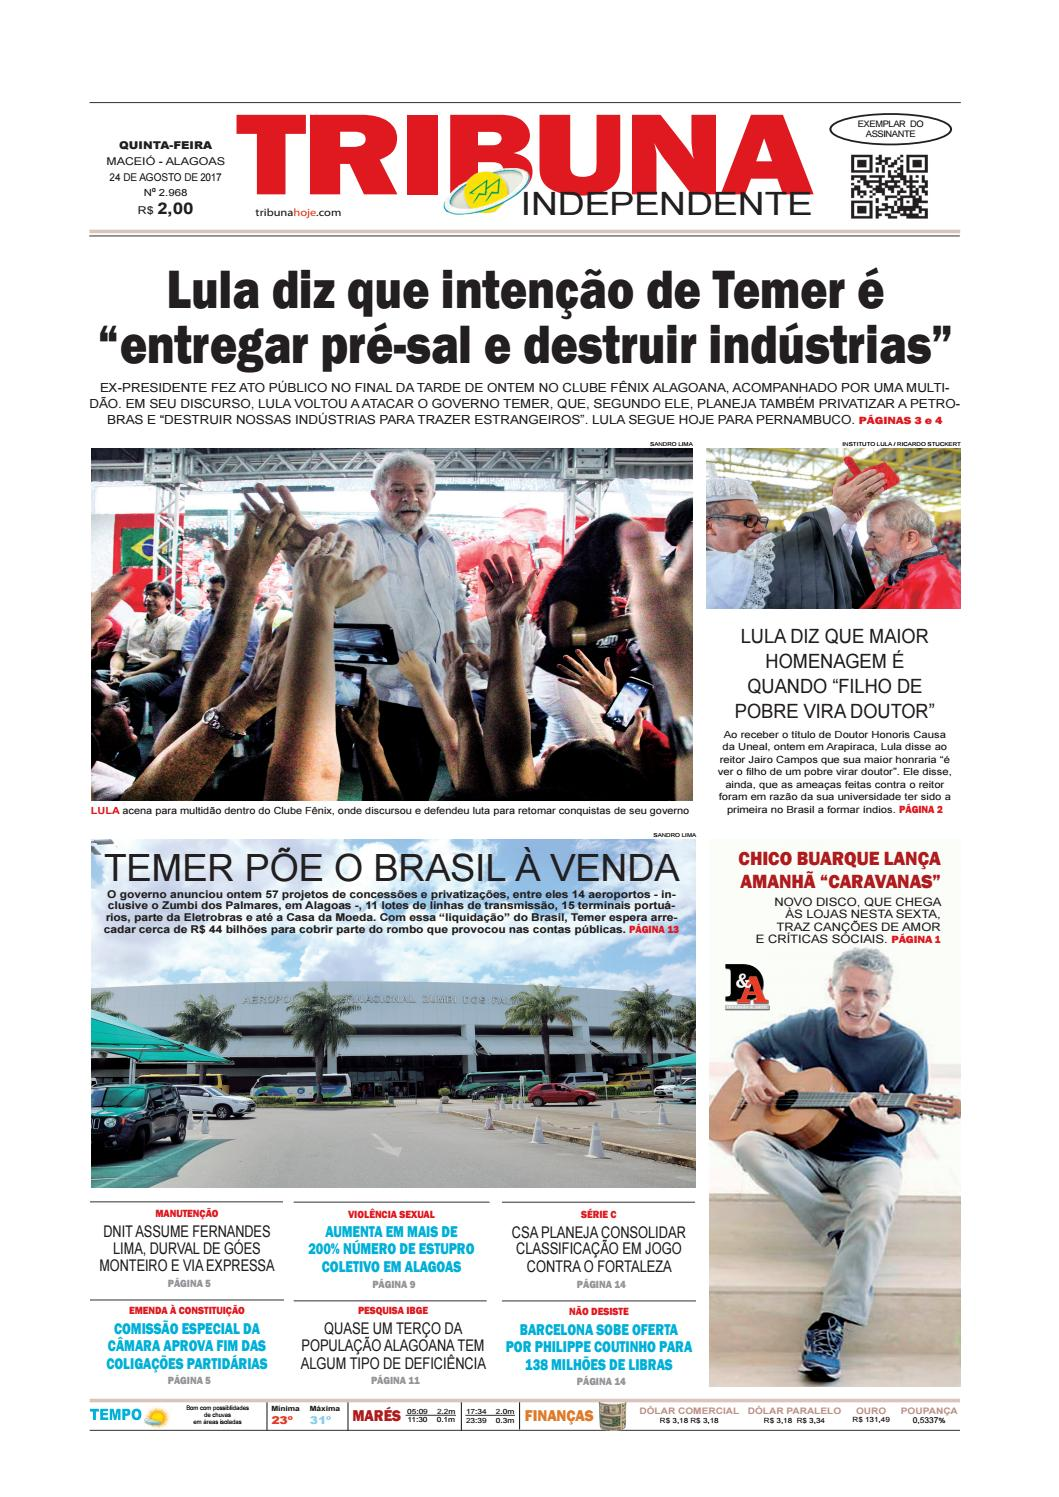 d124c4a3f Edição número 2968 - 24 de agosto de 2017 by Tribuna Hoje - issuu